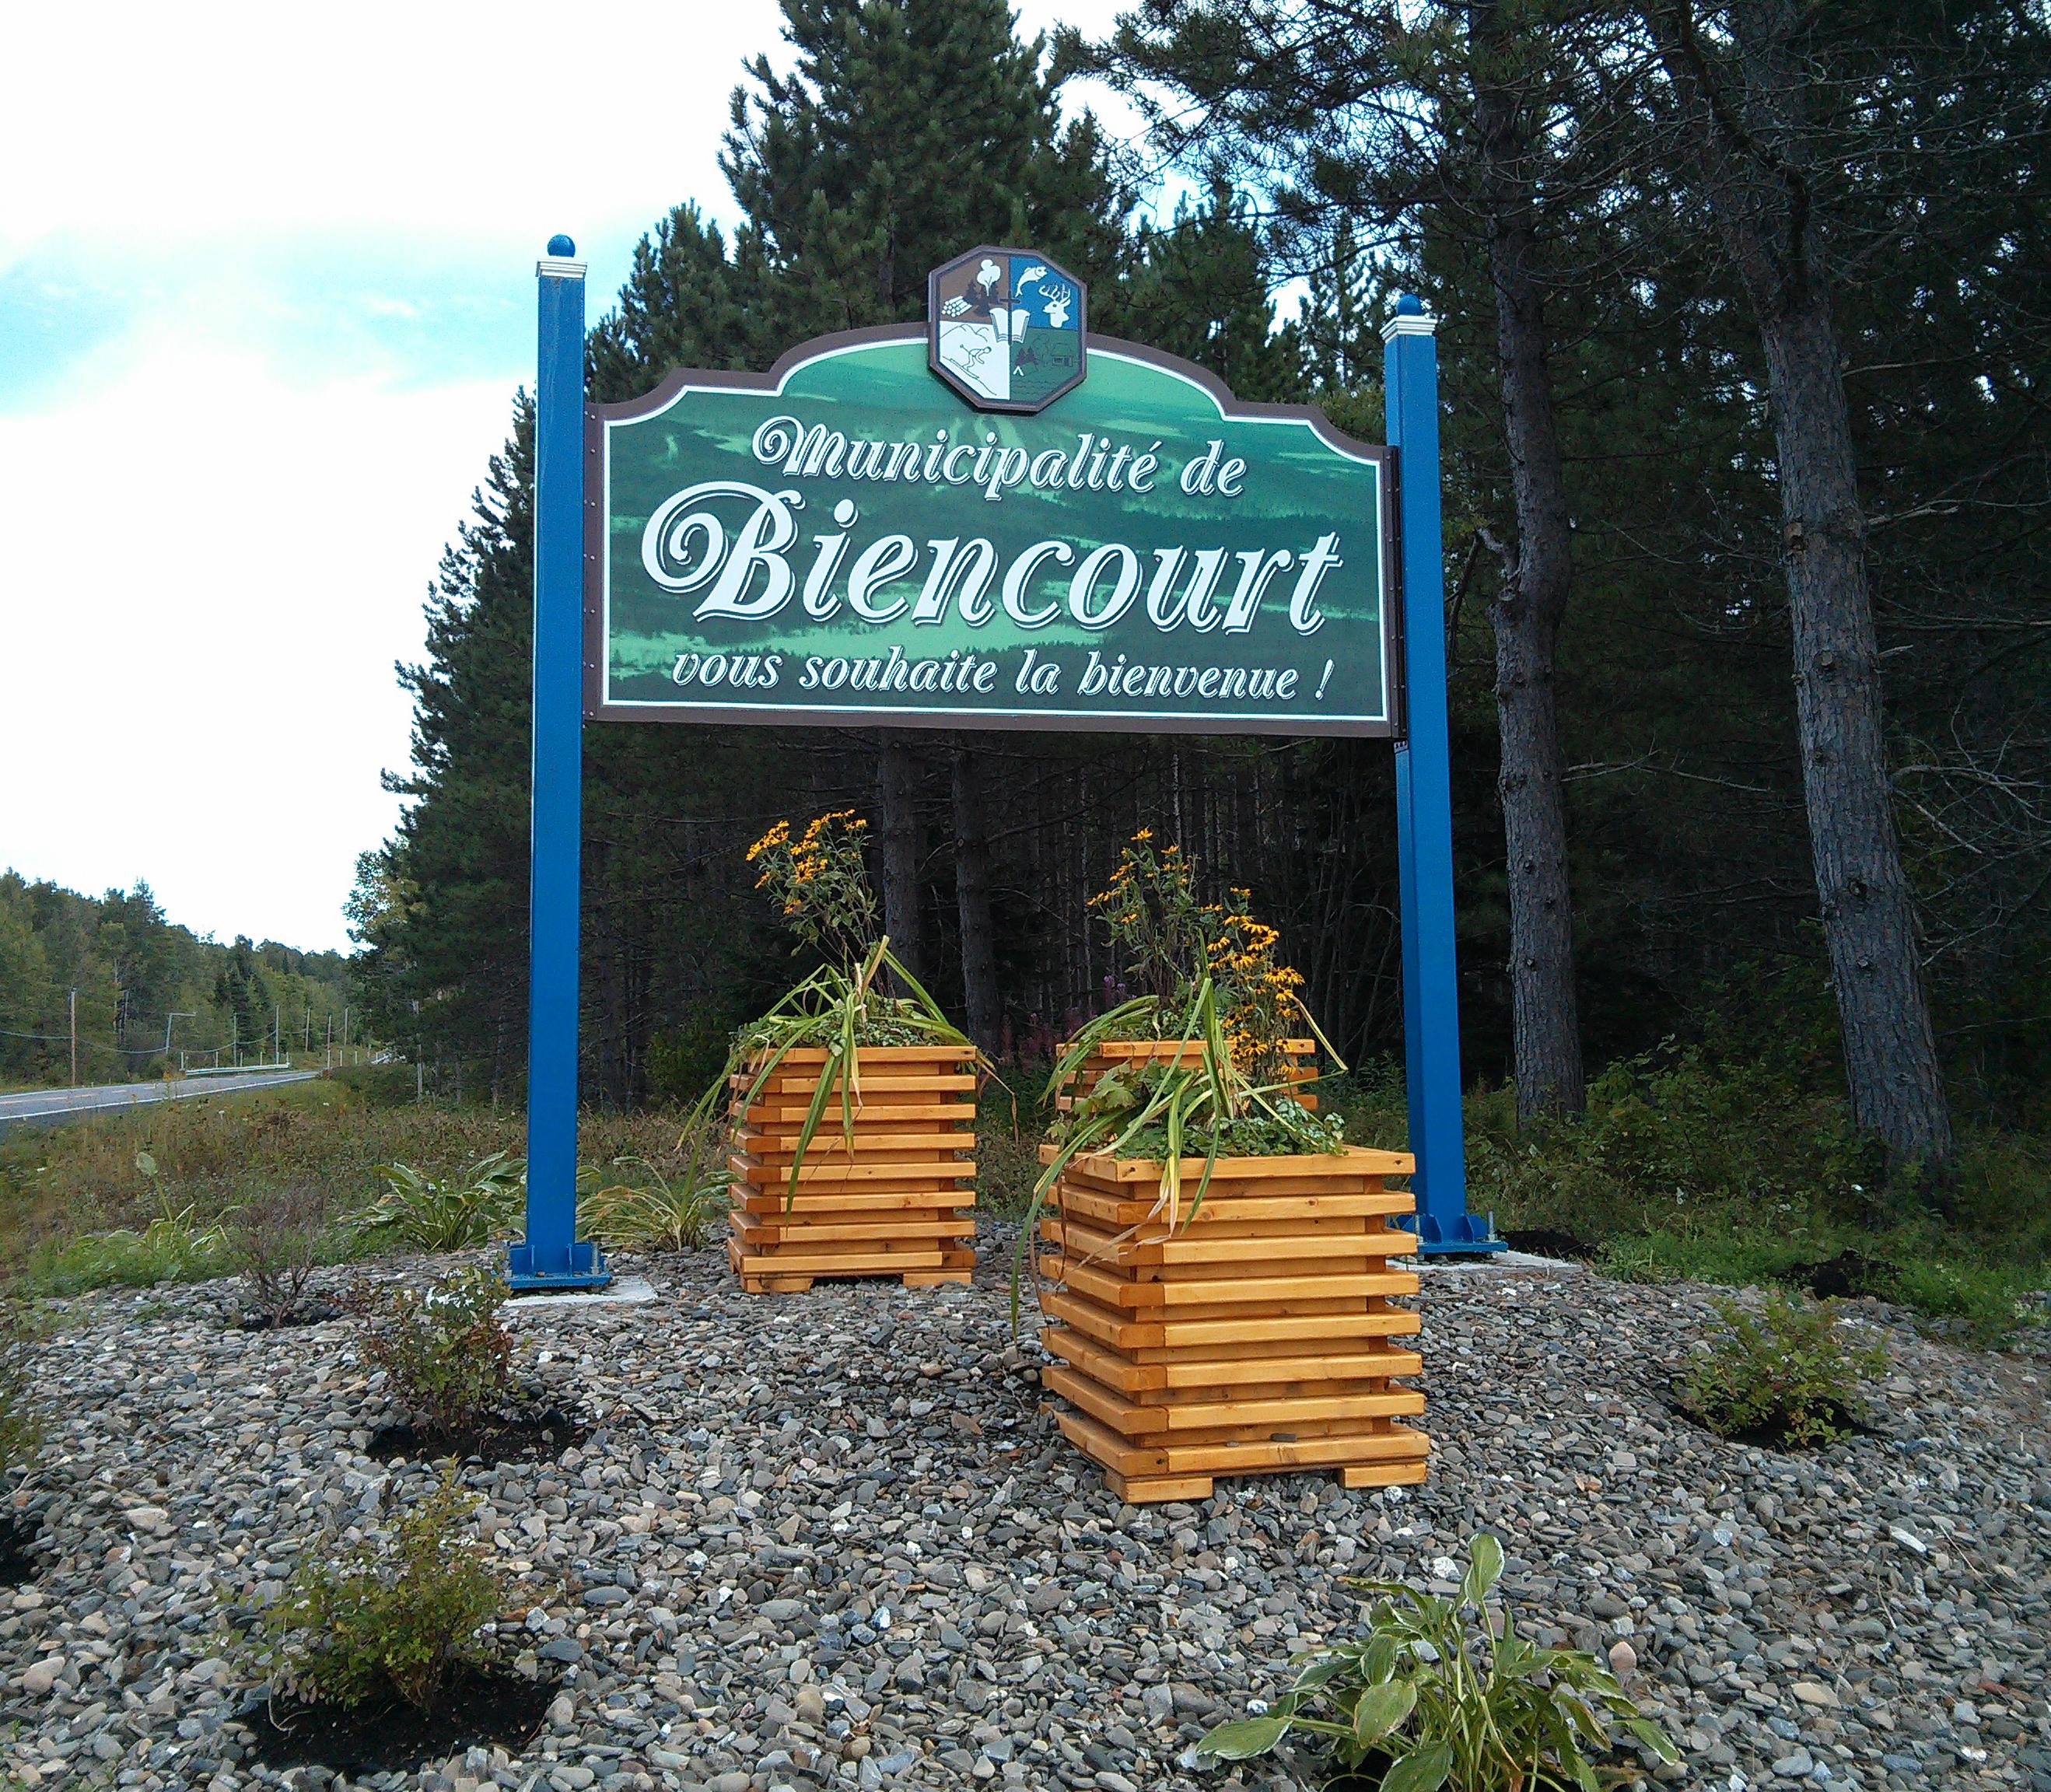 Municipalité de Biencourt